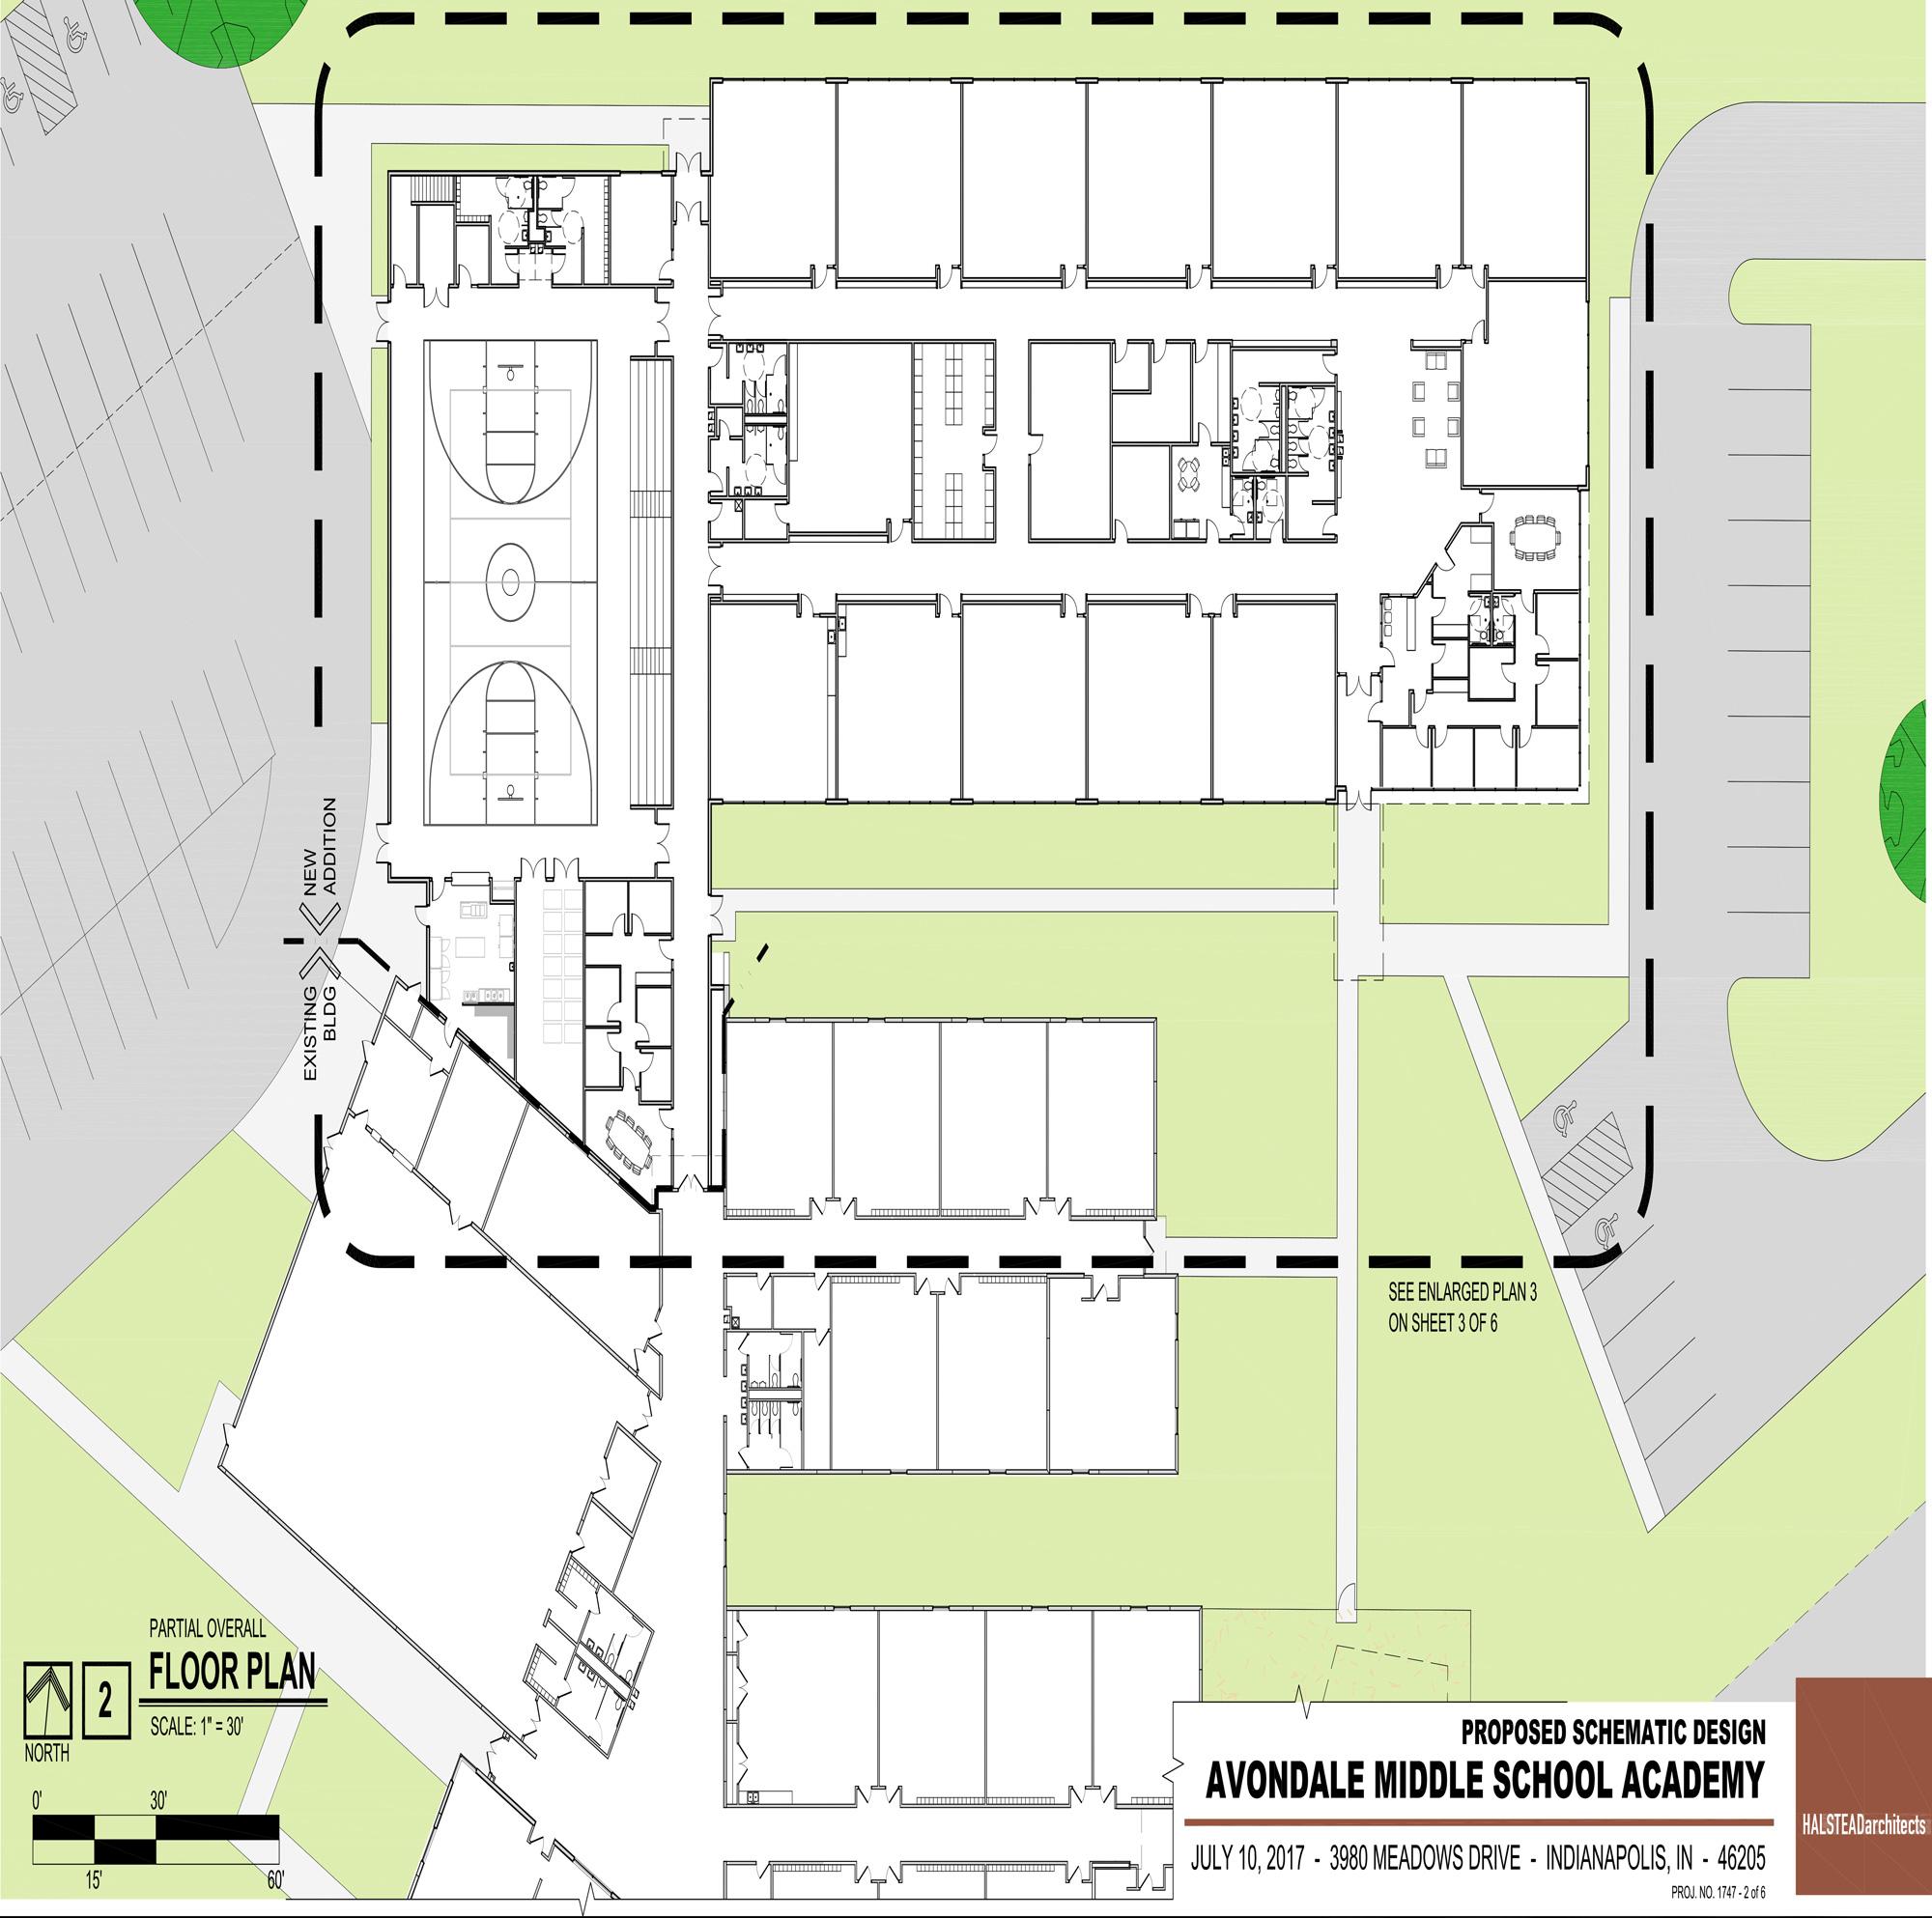 Building Plans - Avondale Meadows Middle School